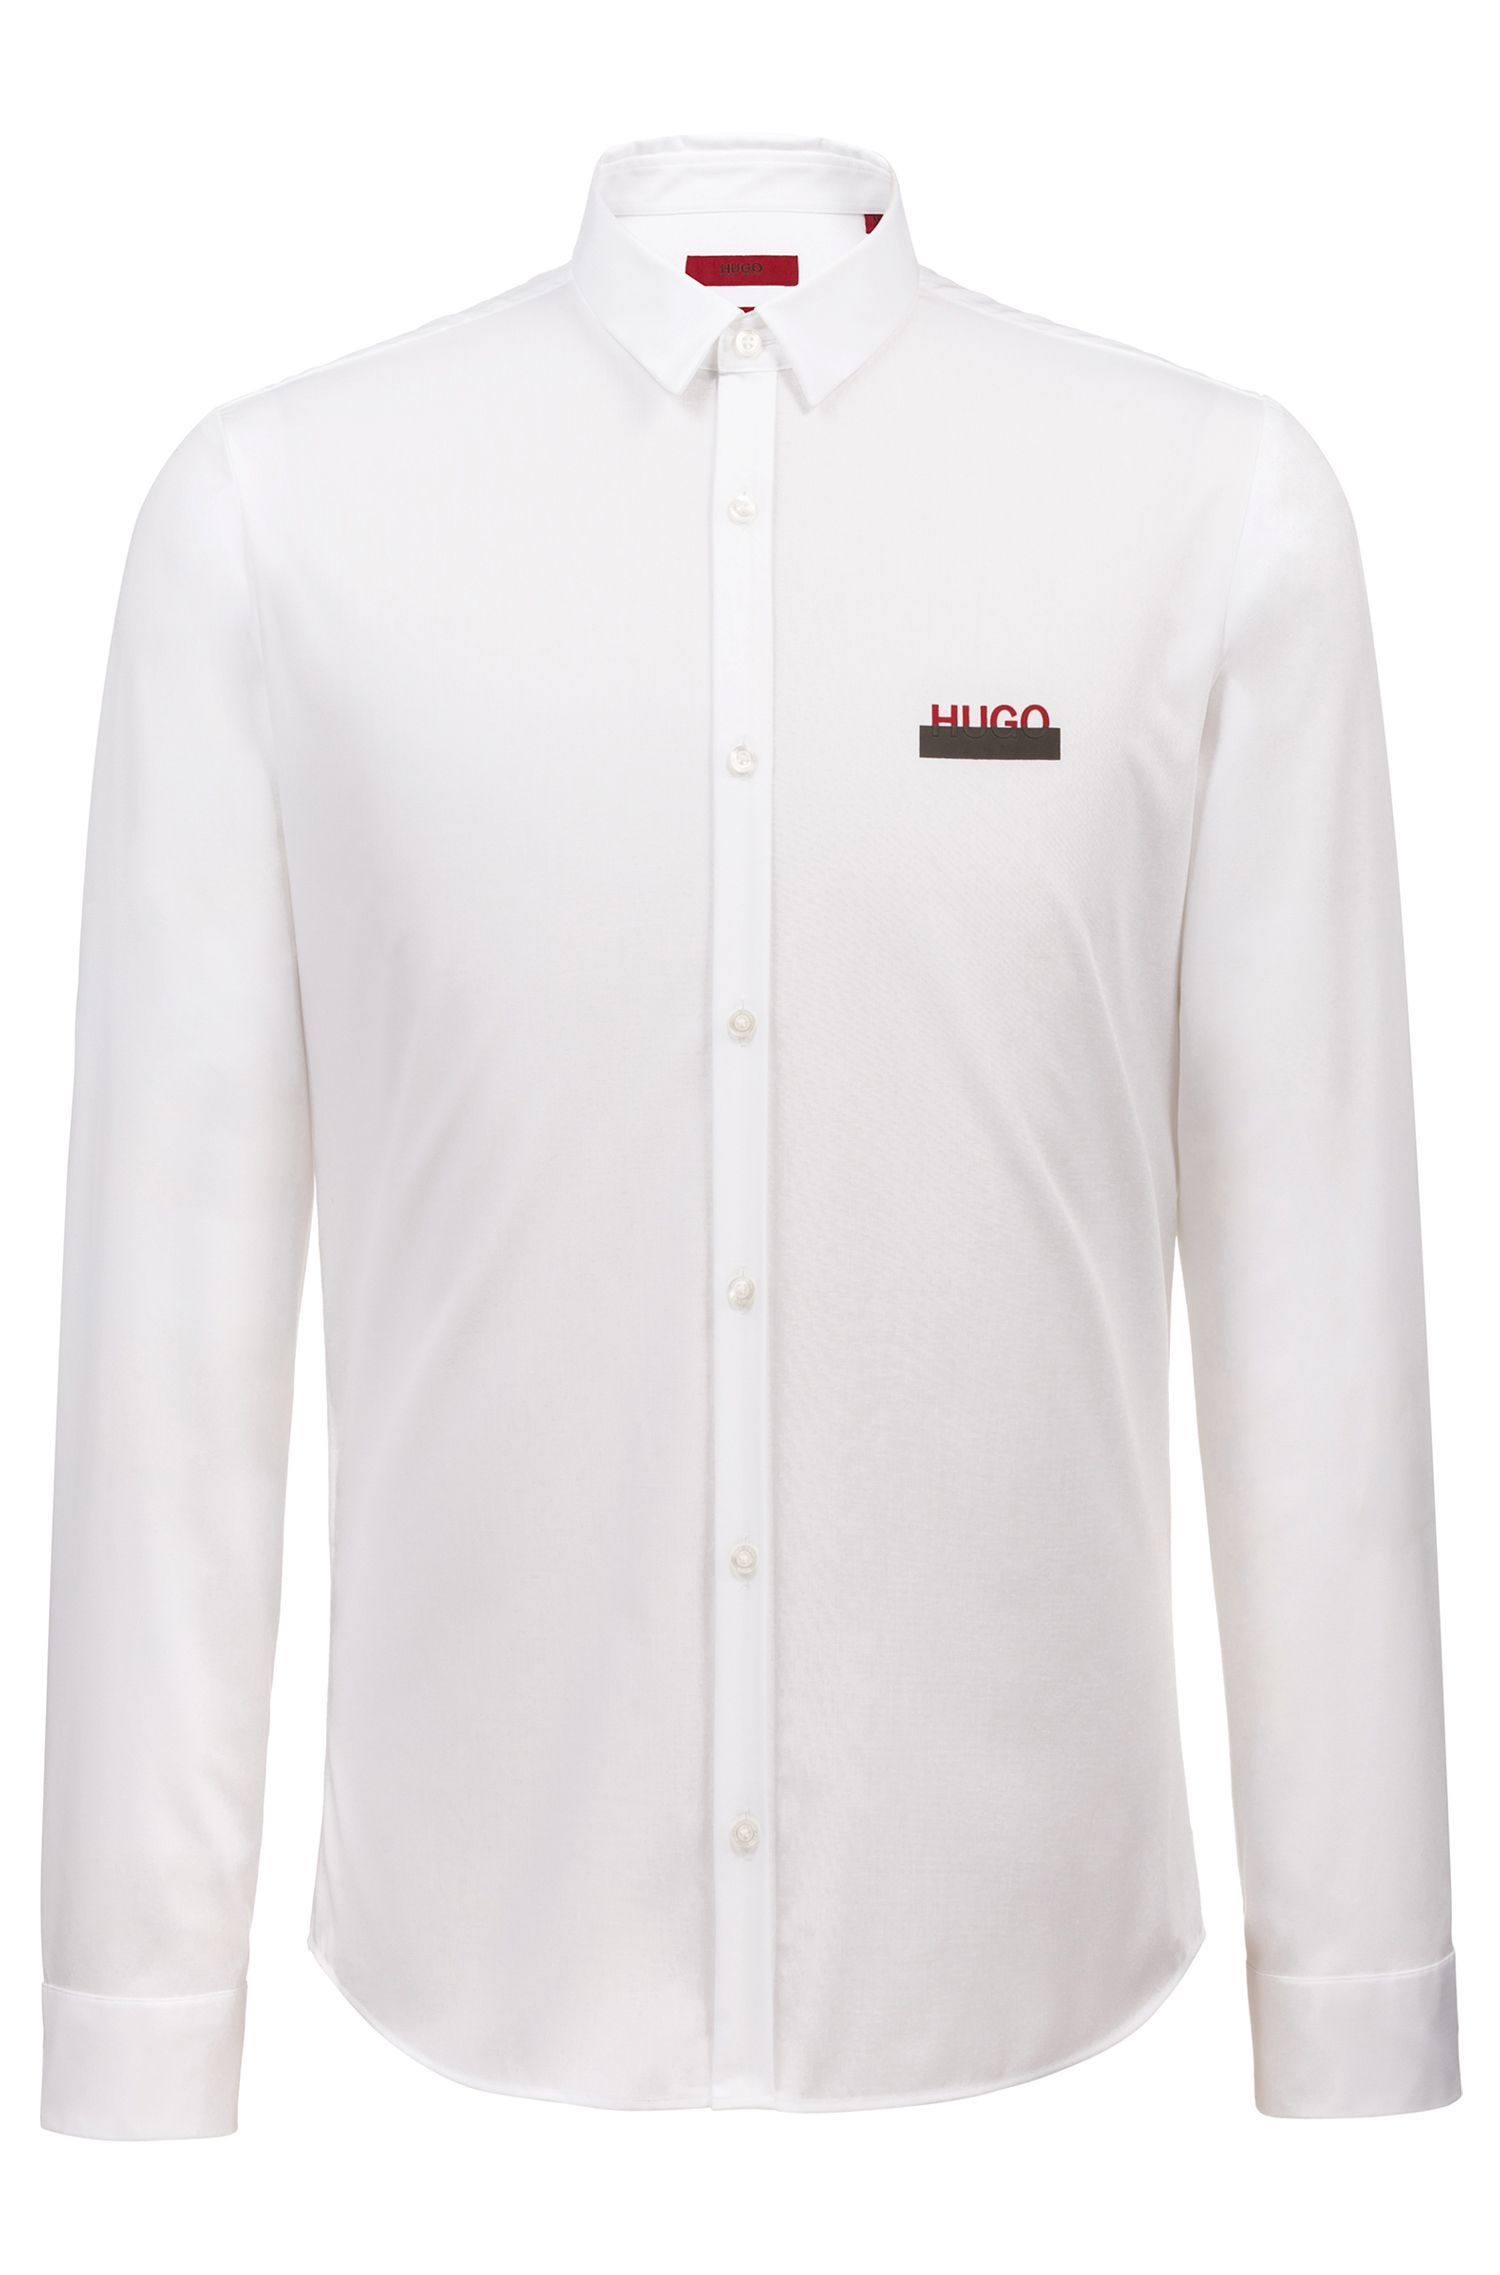 Camicia extra slim fit in cotone con logo parzialmente nascosto, Bianco